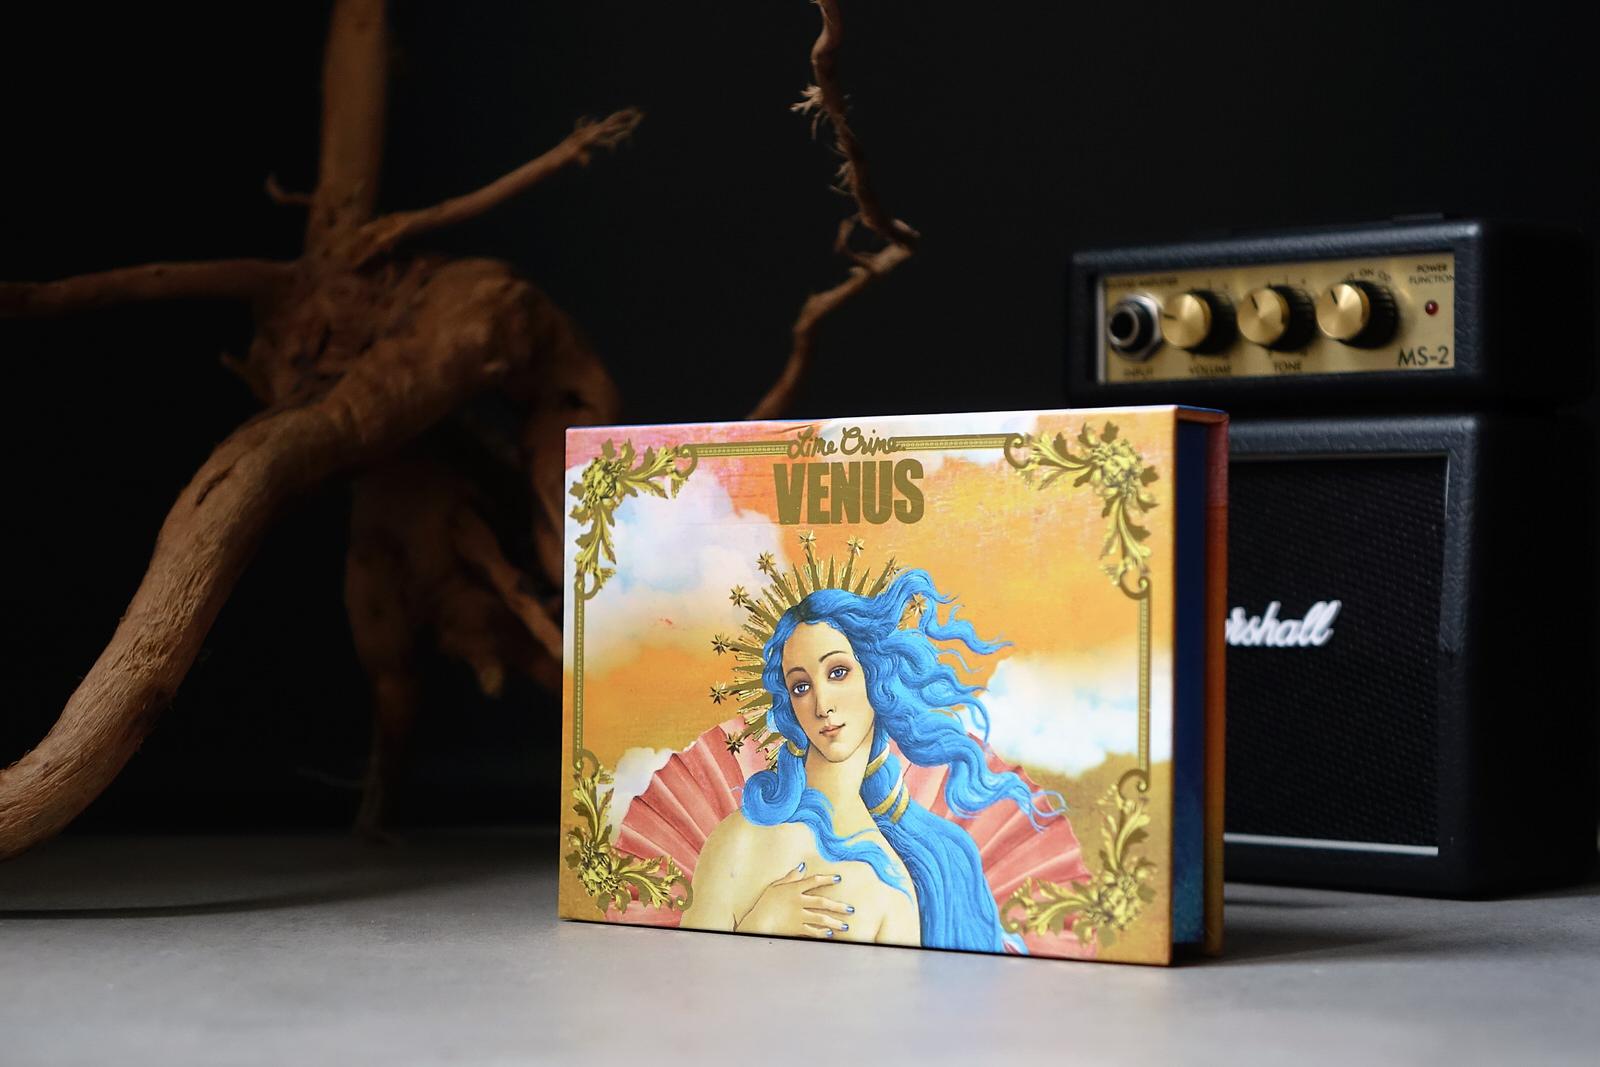 La palette Venus I de Lime Crime